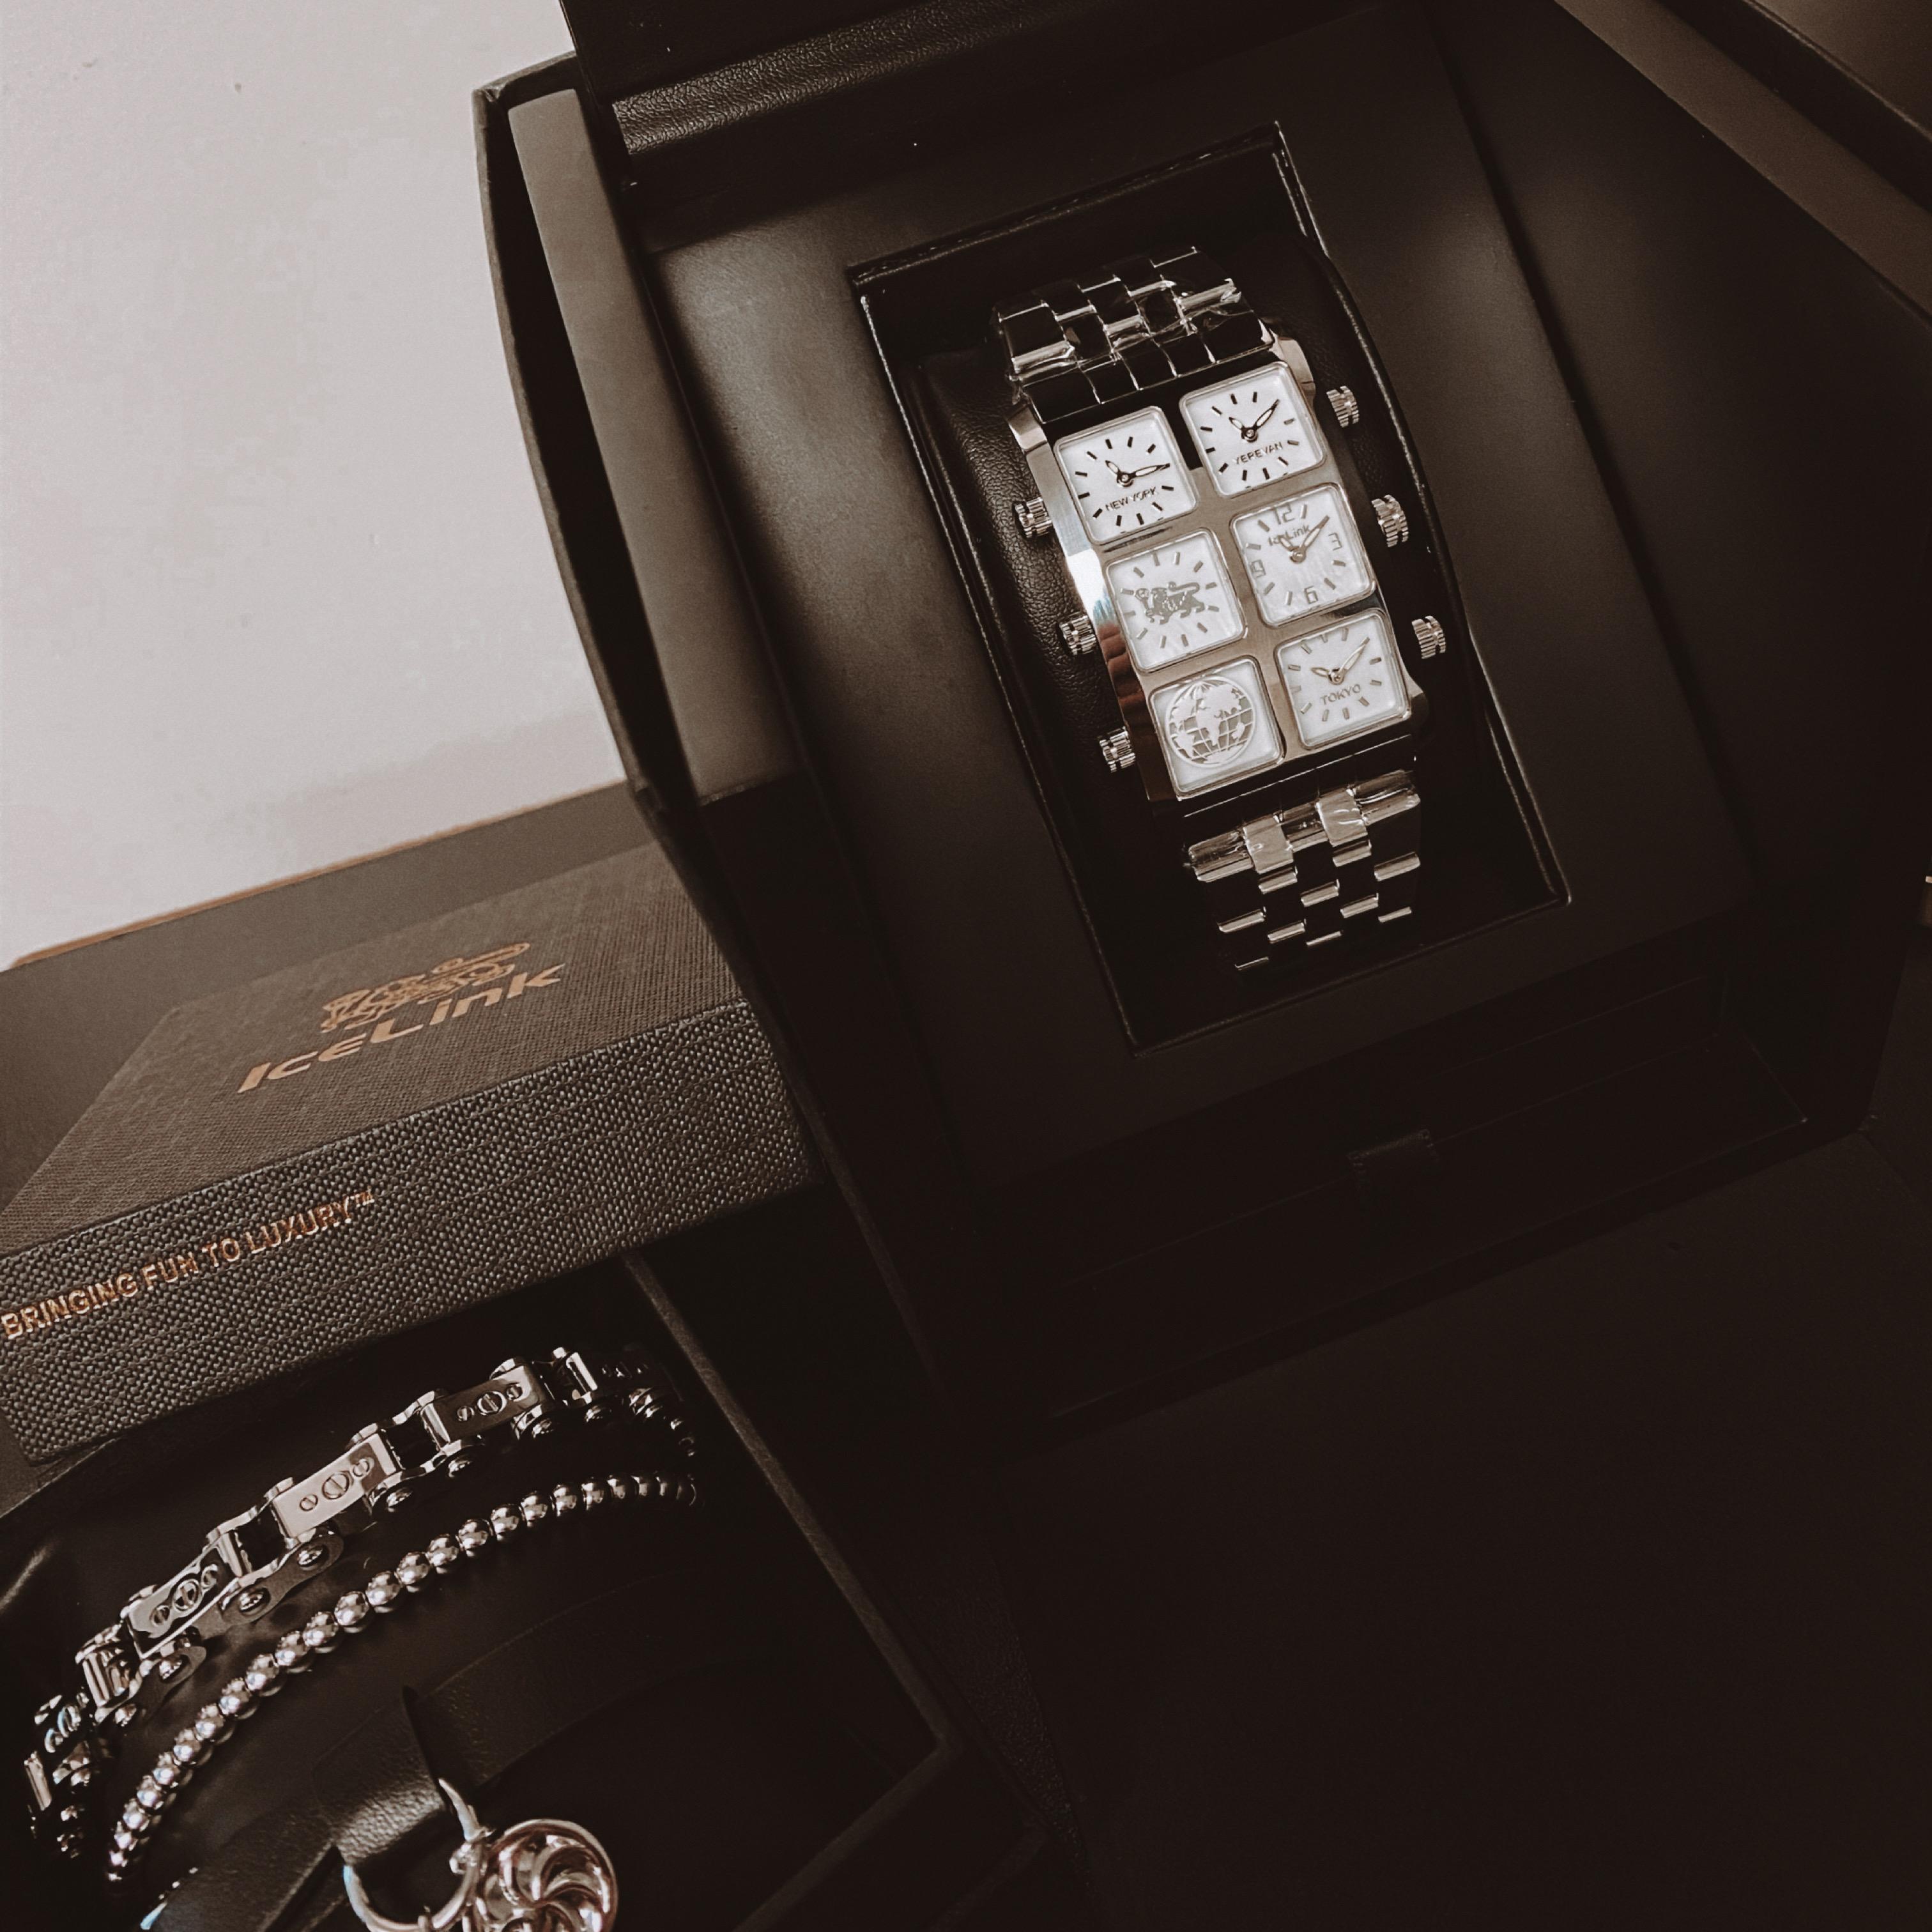 Zuri 40mm Multi-Time Zone Watch in box